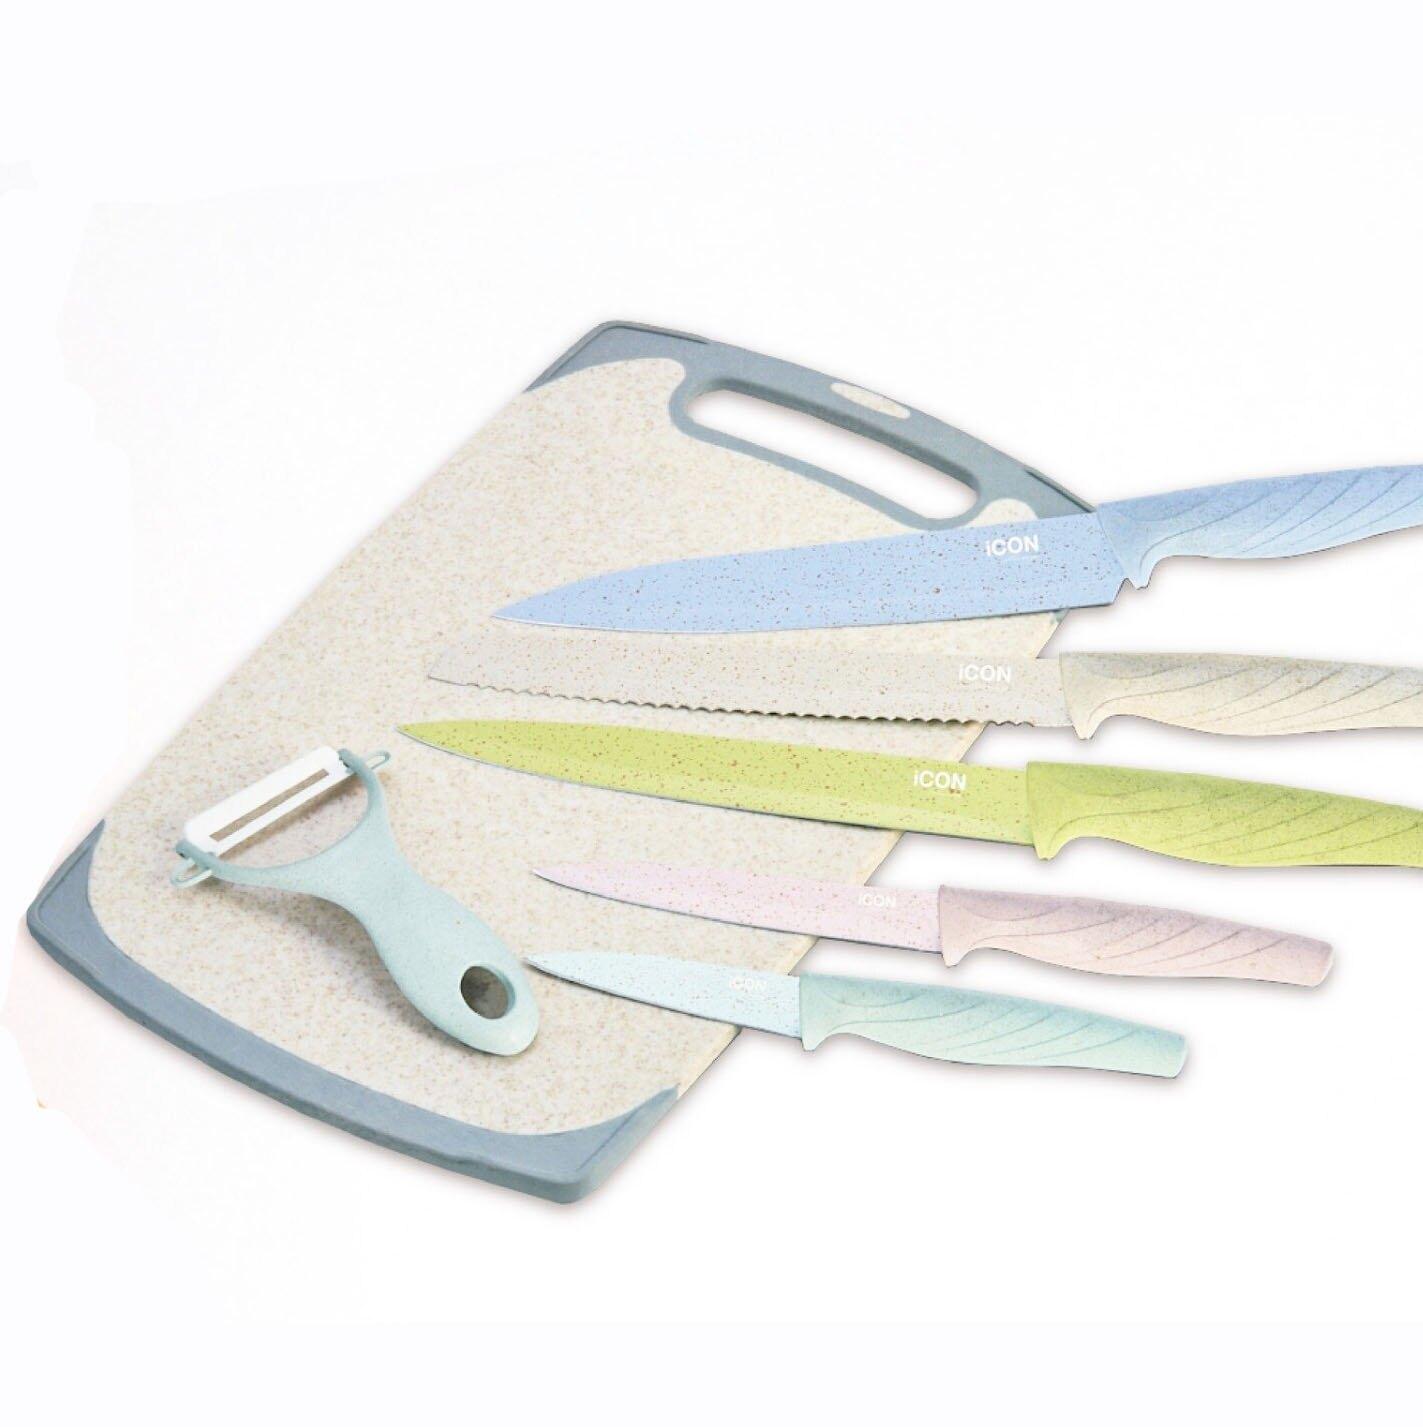 澳洲ICON 馬卡龍不沾刀具砧板7件組 水果刀 削皮刀 不沾刀具【喬森居家】